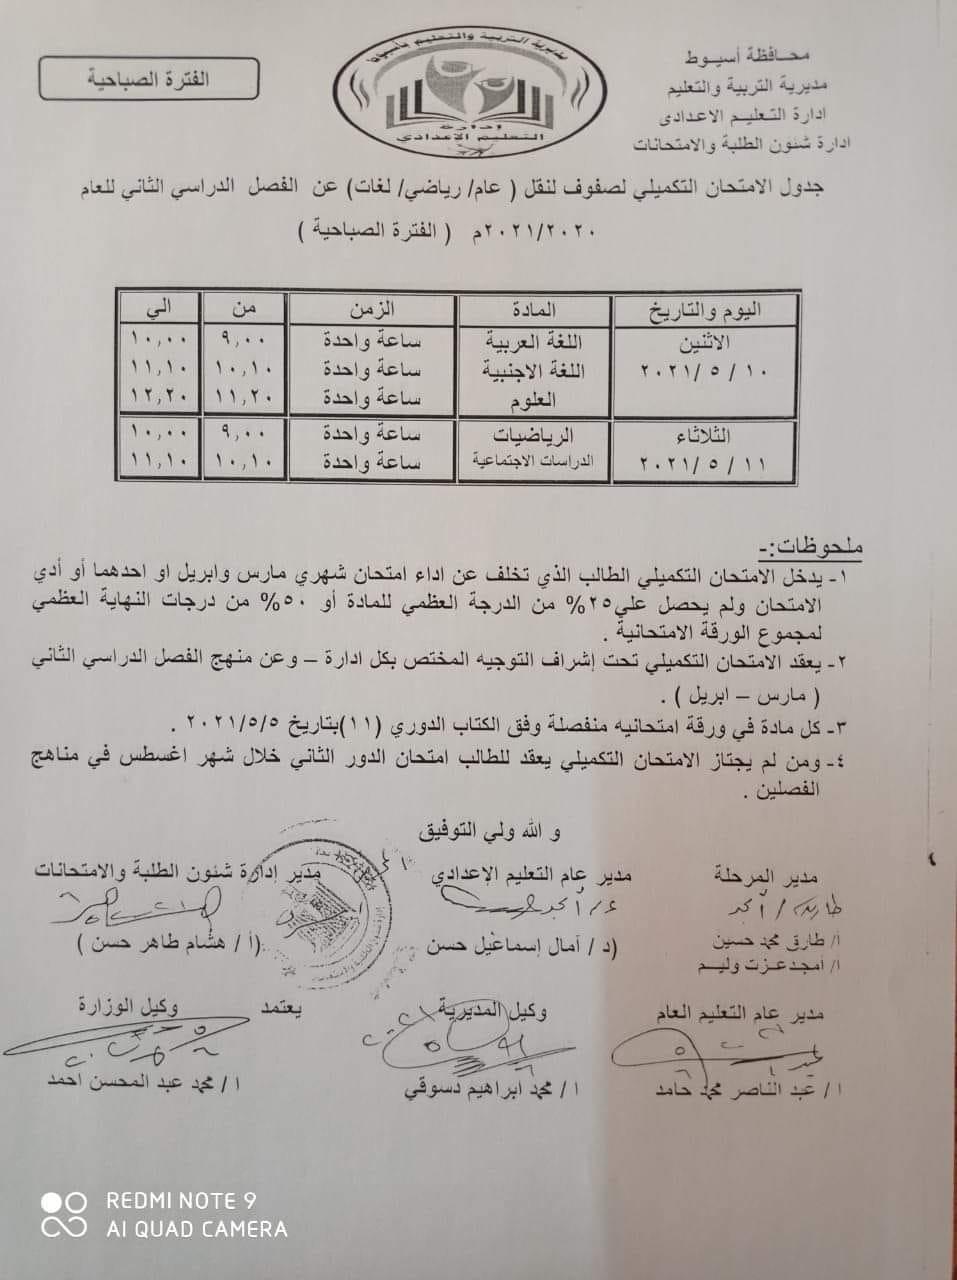 """التعليم"""" تحدد الطلاب المسموح لهم بأداء امتحان تكميلى 18338710"""